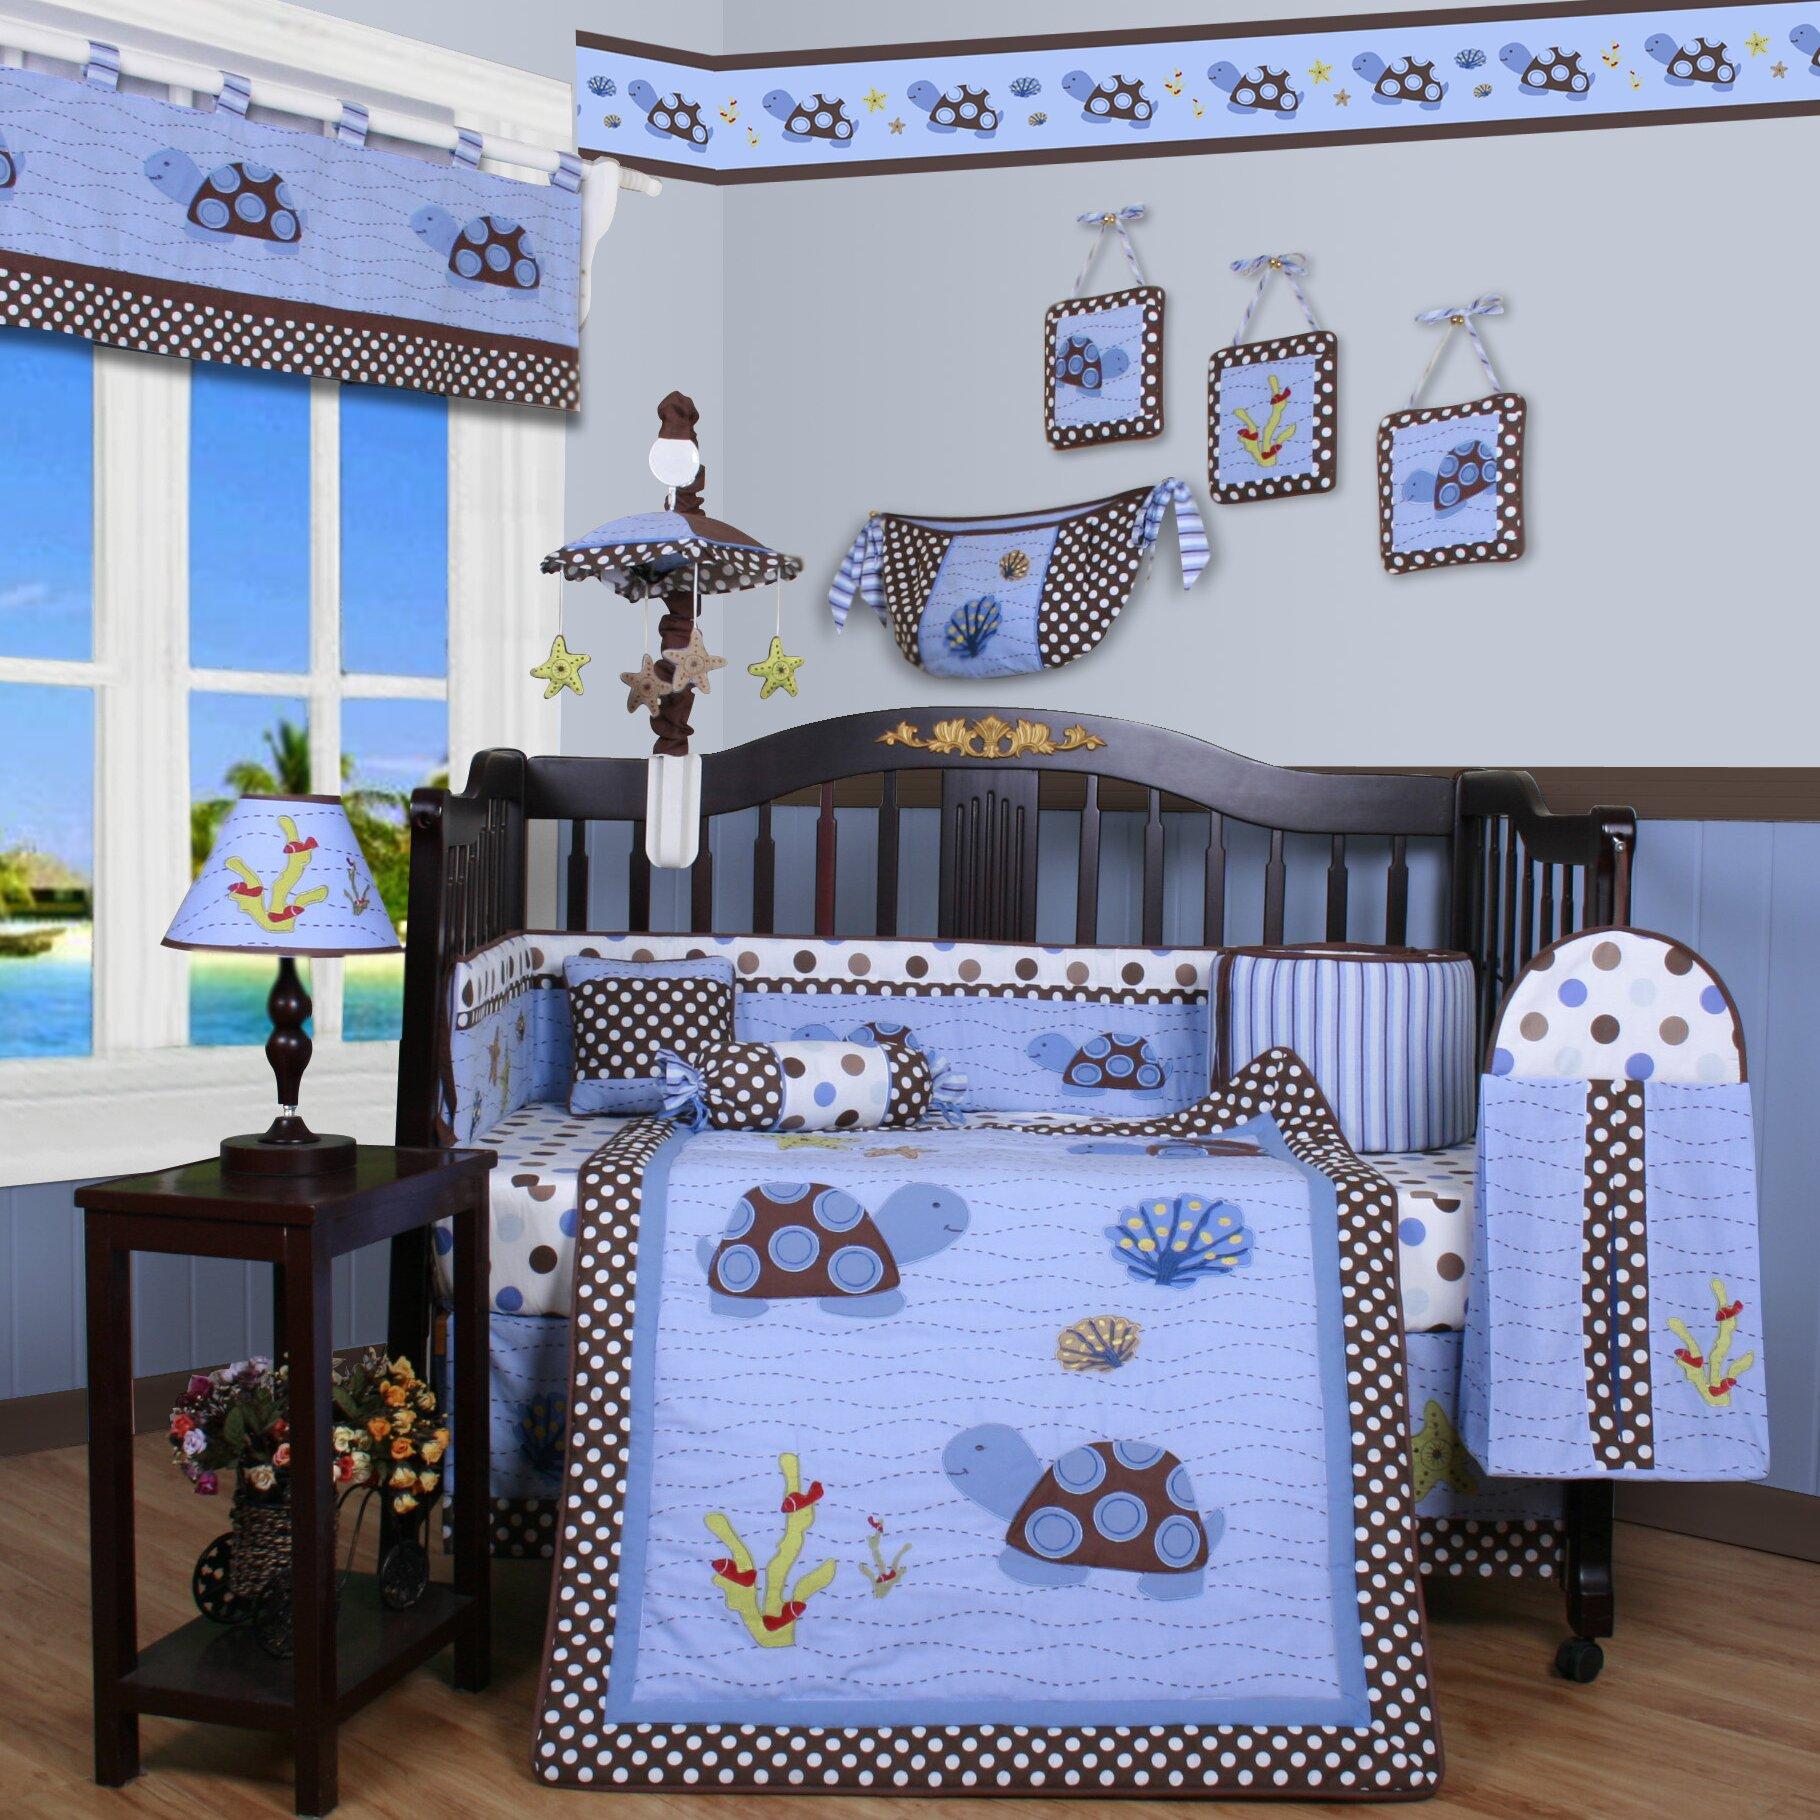 Geenny boutique sea turtle 13 piece crib bedding set reviews wayfair - Geenny crib bedding sets ...